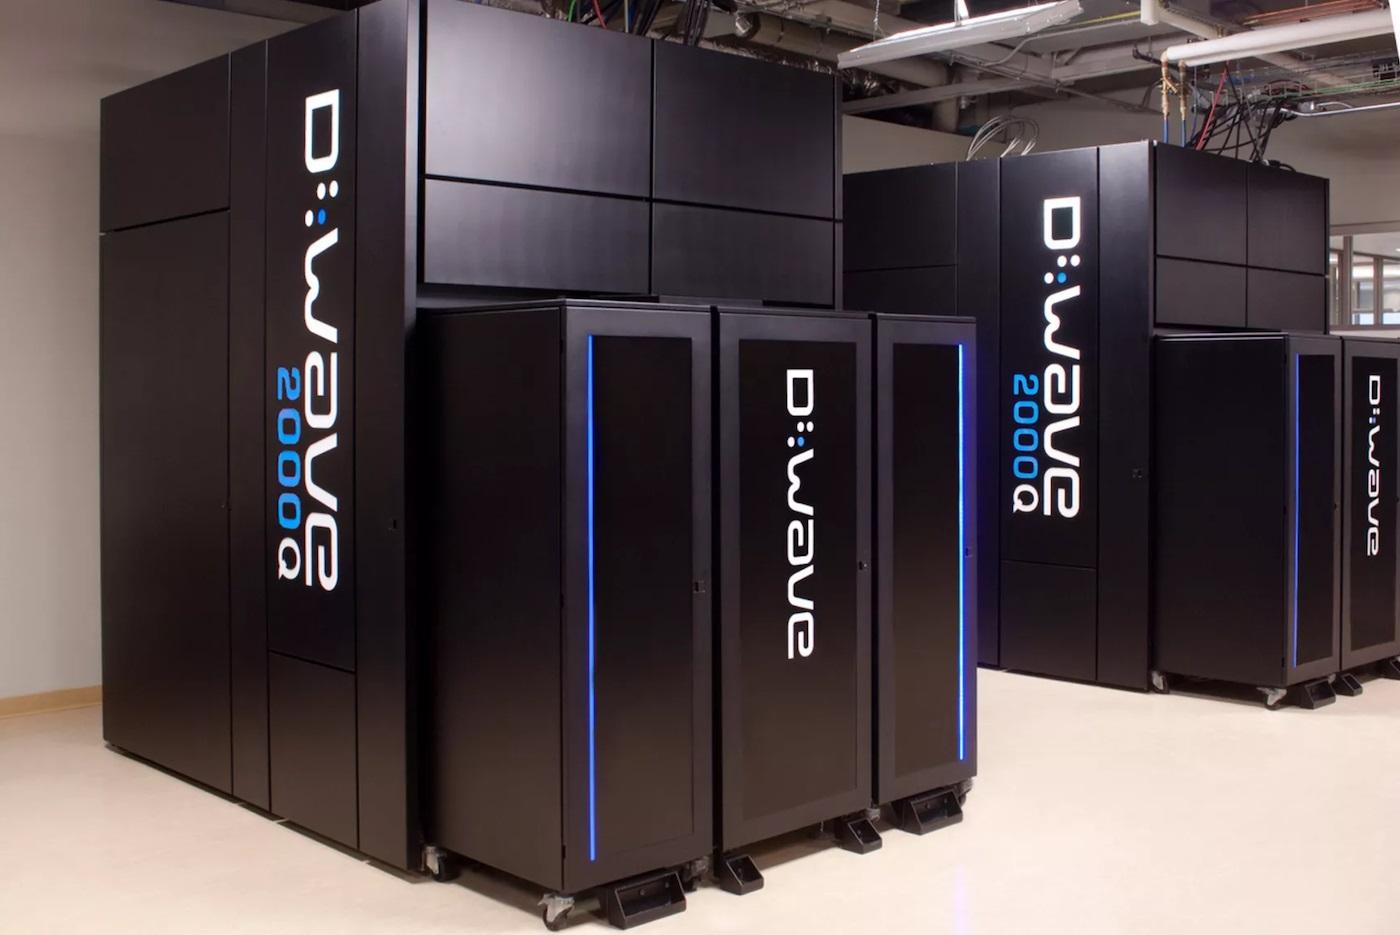 D-Wave quantum computer 600